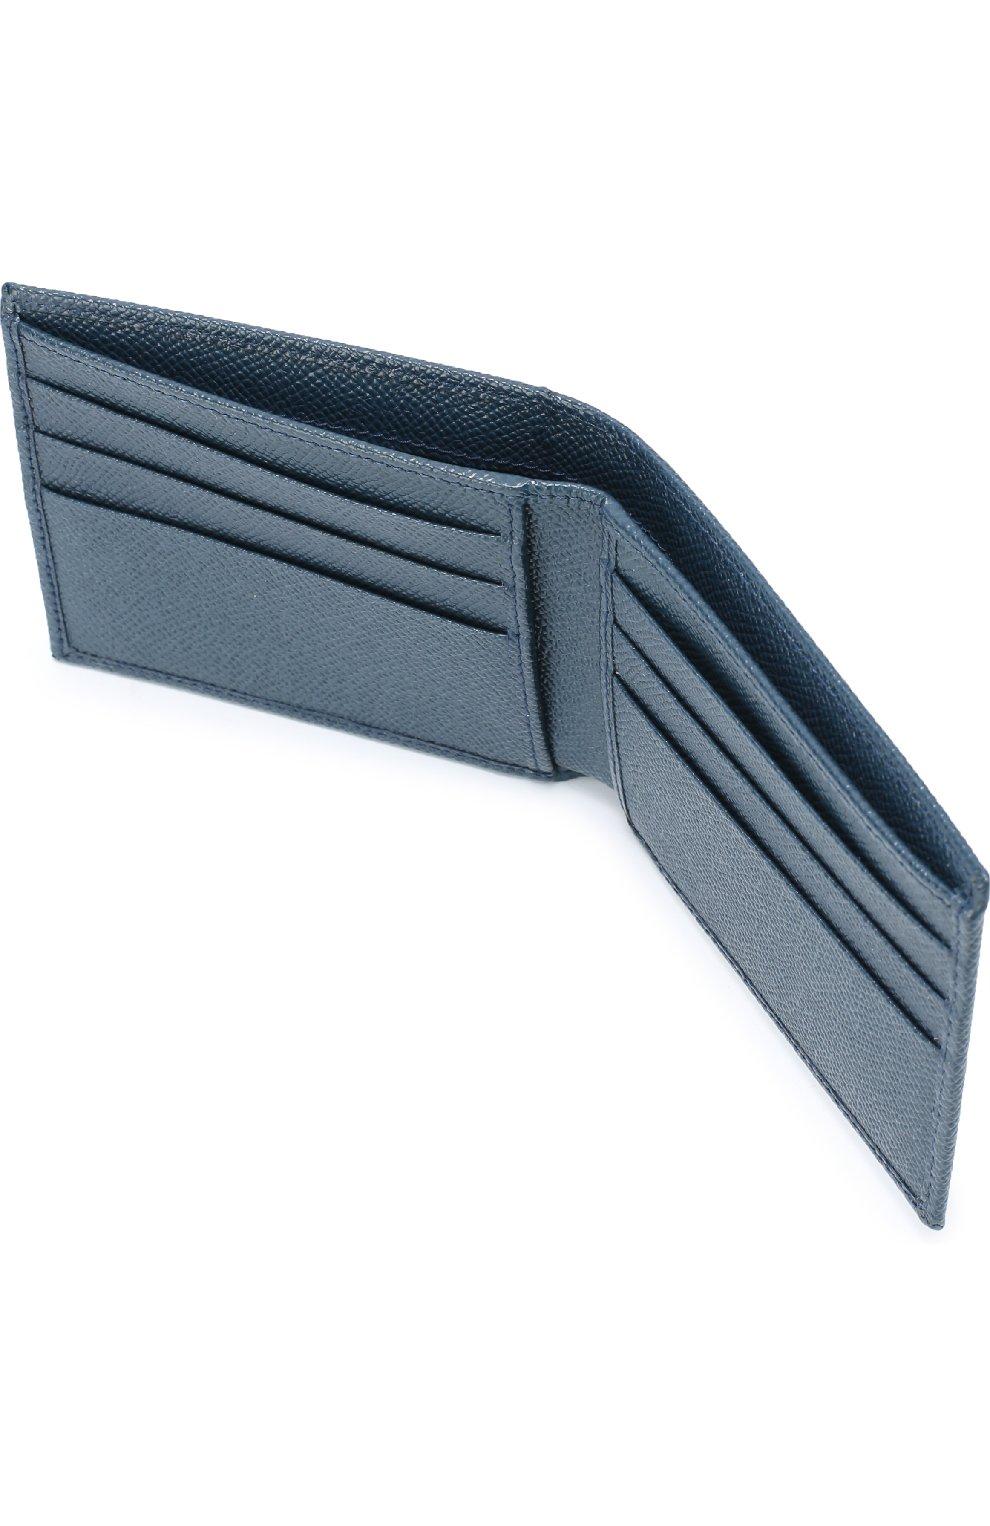 Кожаное портмоне с отделениями для кредитных карт и монет | Фото №3